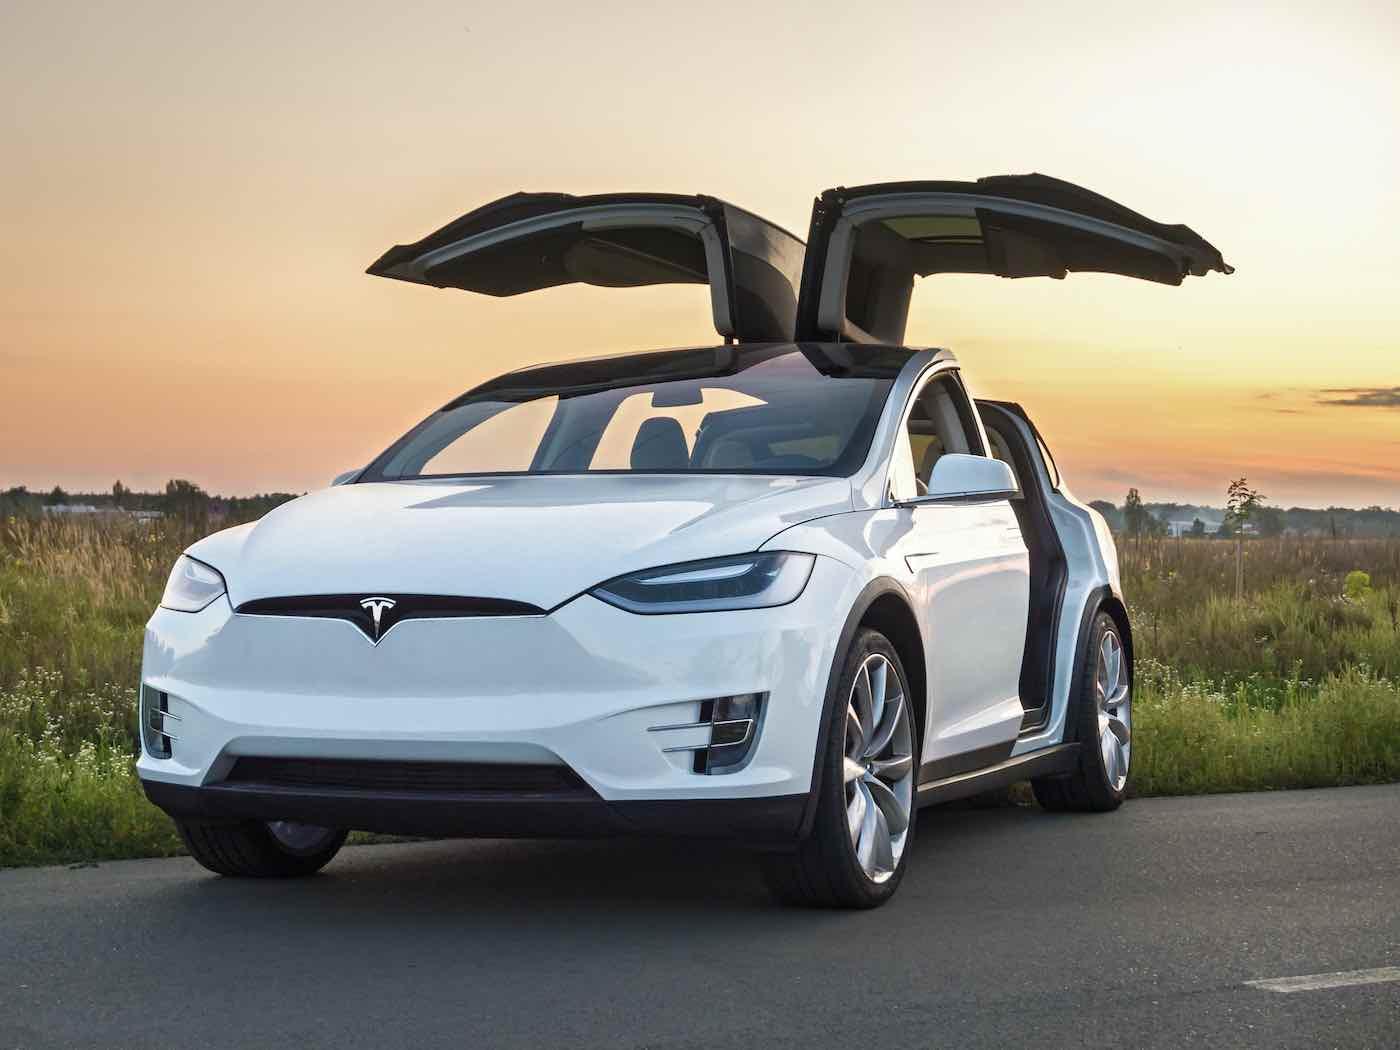 Coche eléctrico Tesla en la carretera